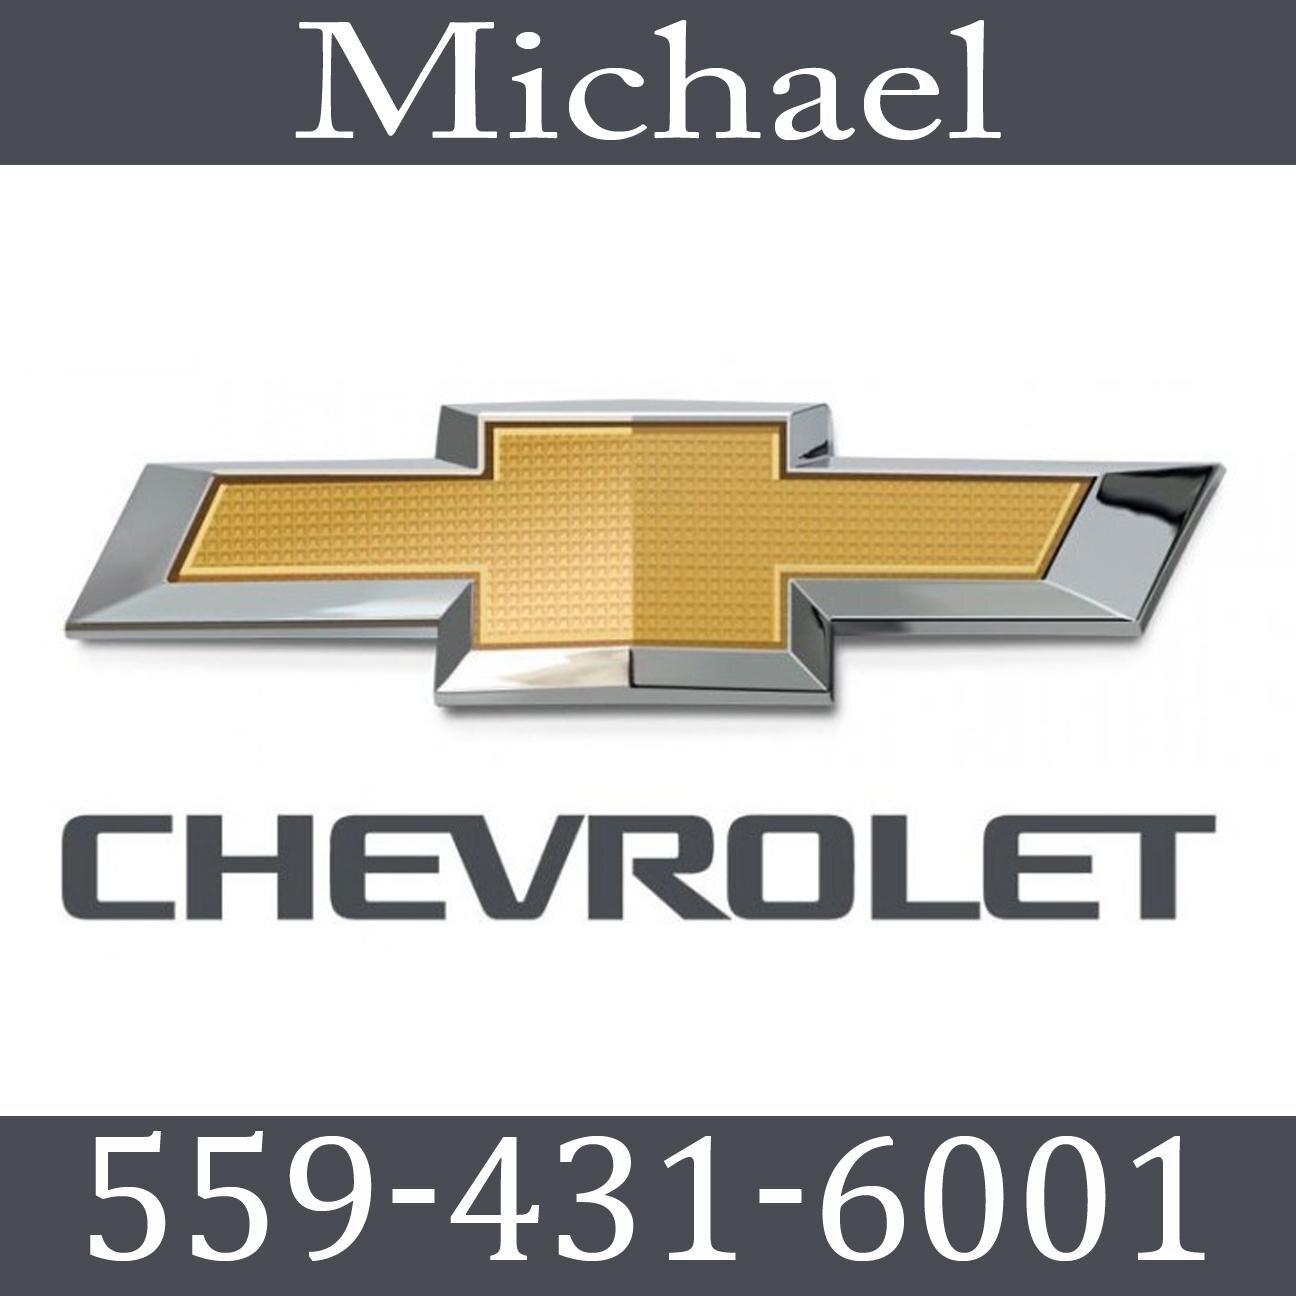 Michael Chevrolet Fresno >> Michael Chevrolet (@MichaelChevyCA) | Twitter